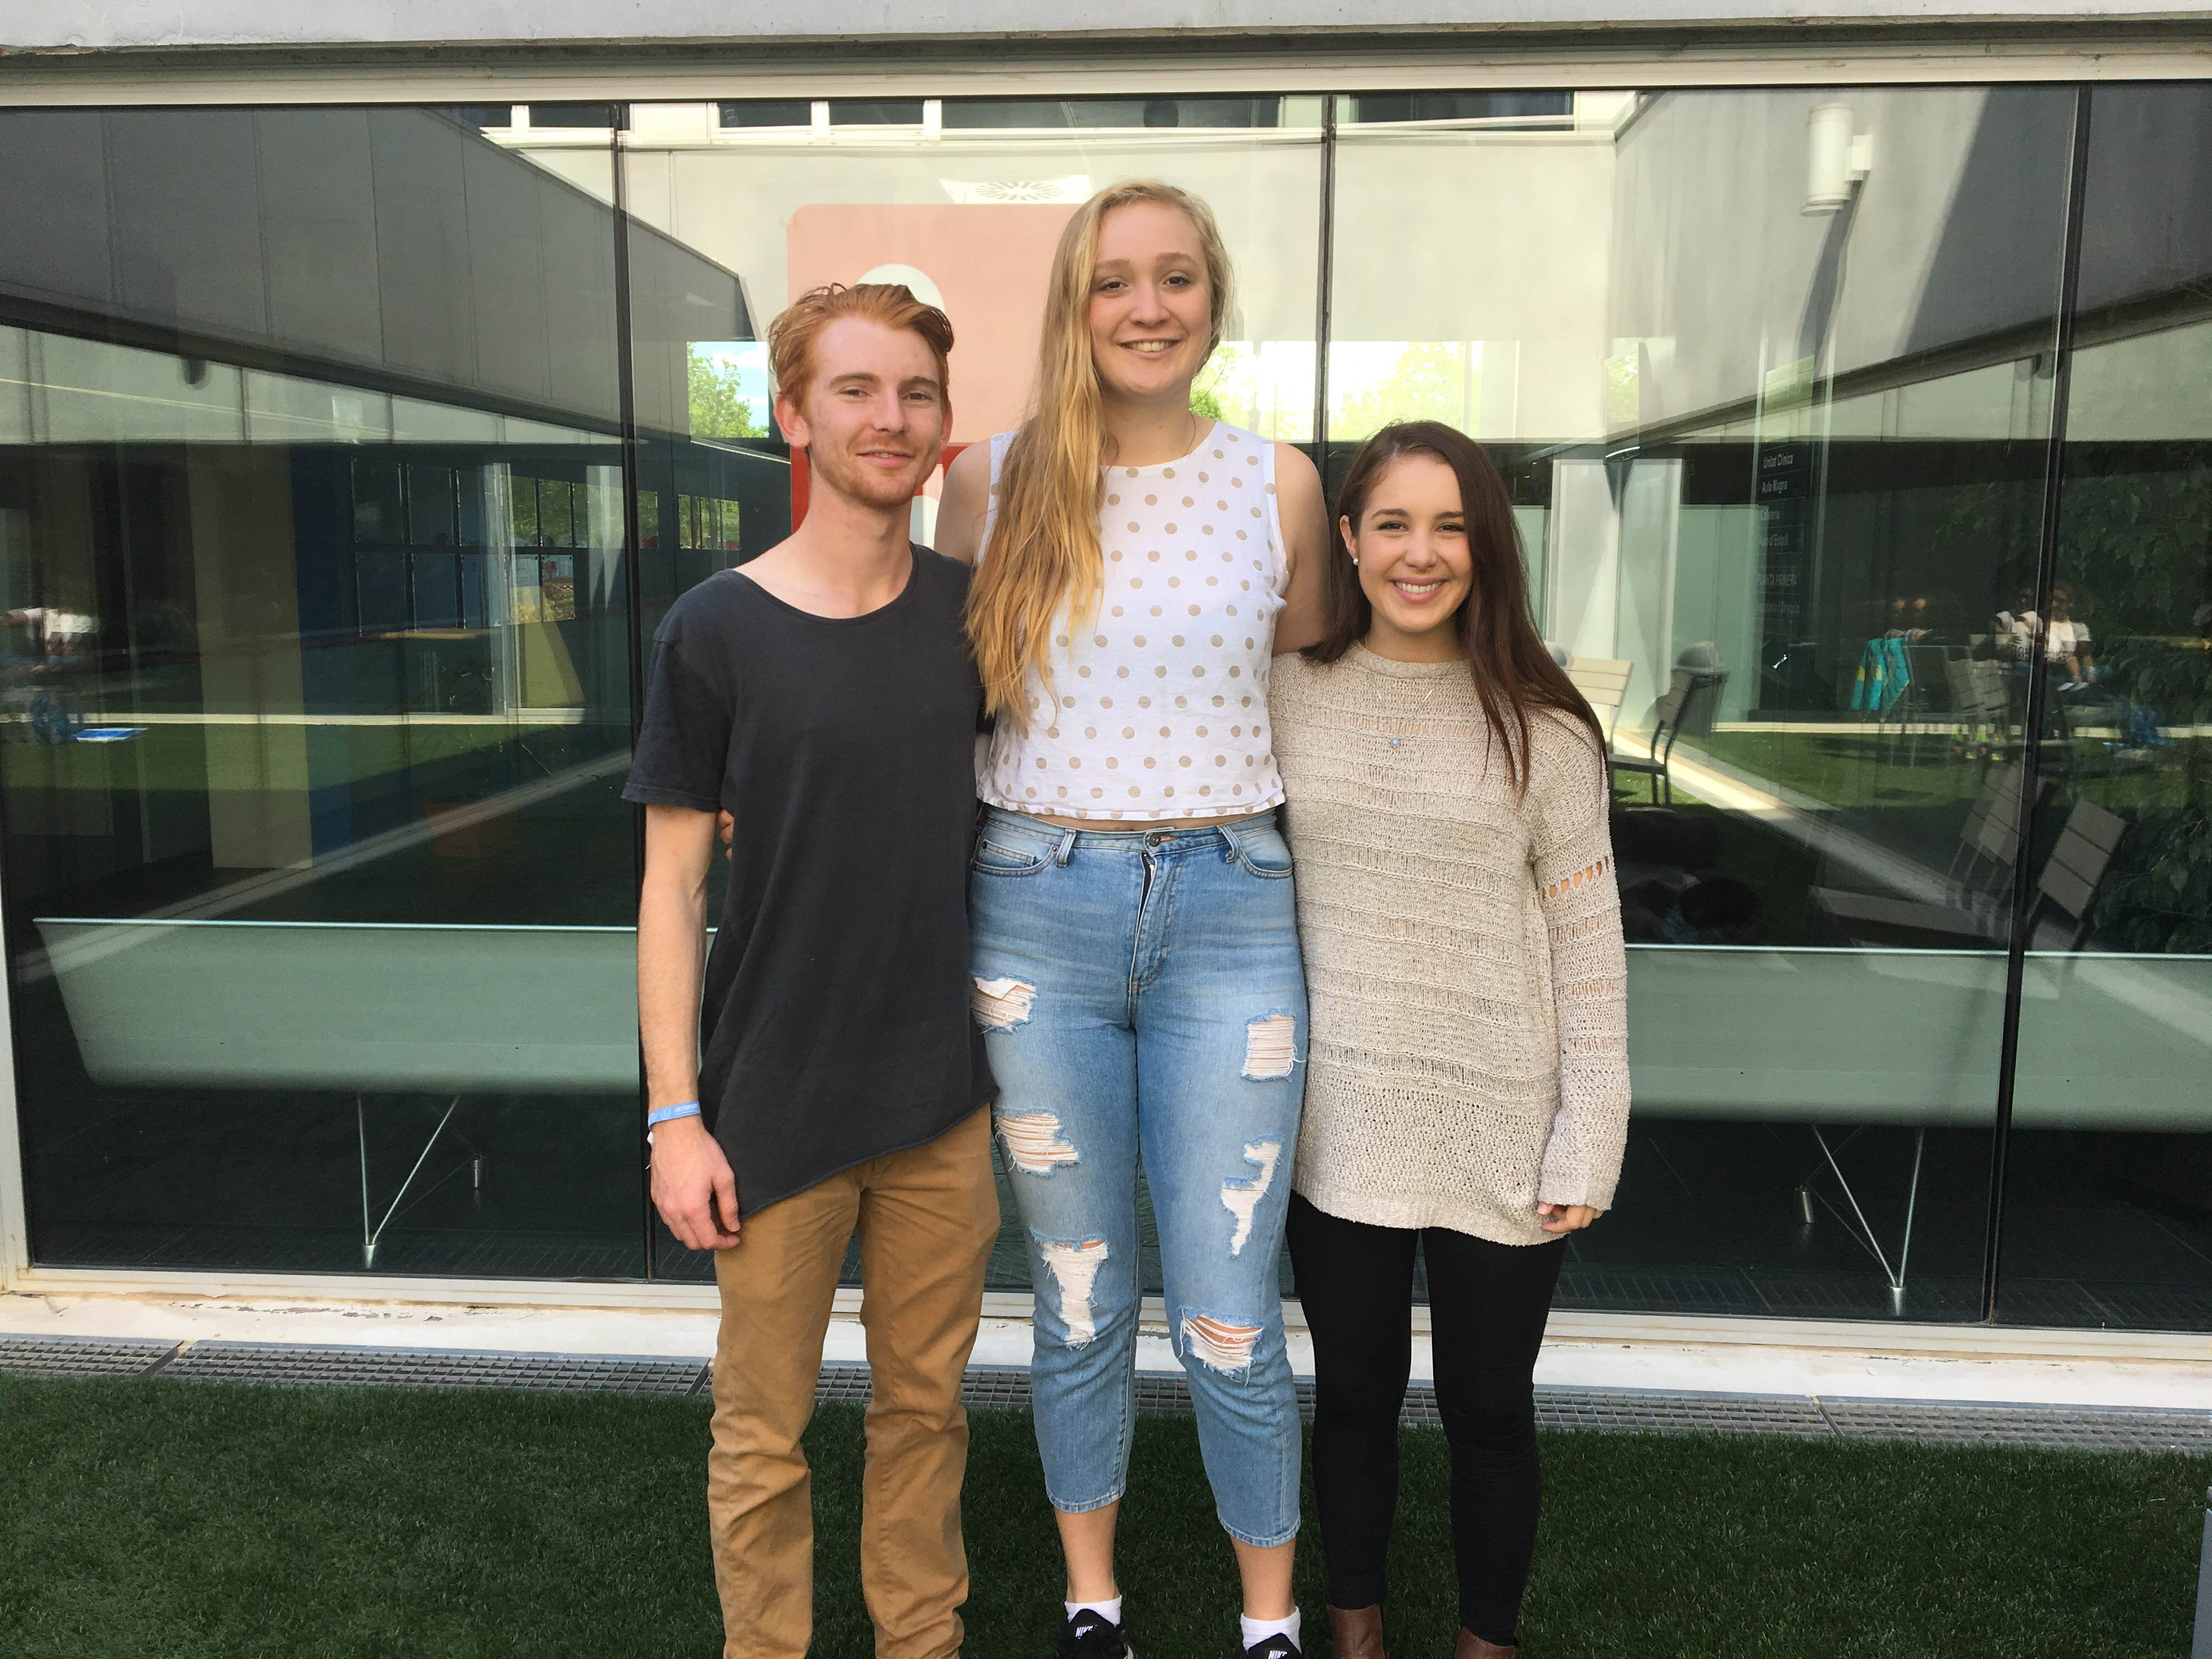 Tres estudiants australians de la James Cook University tanquen una estada de pràctiques a EUSES